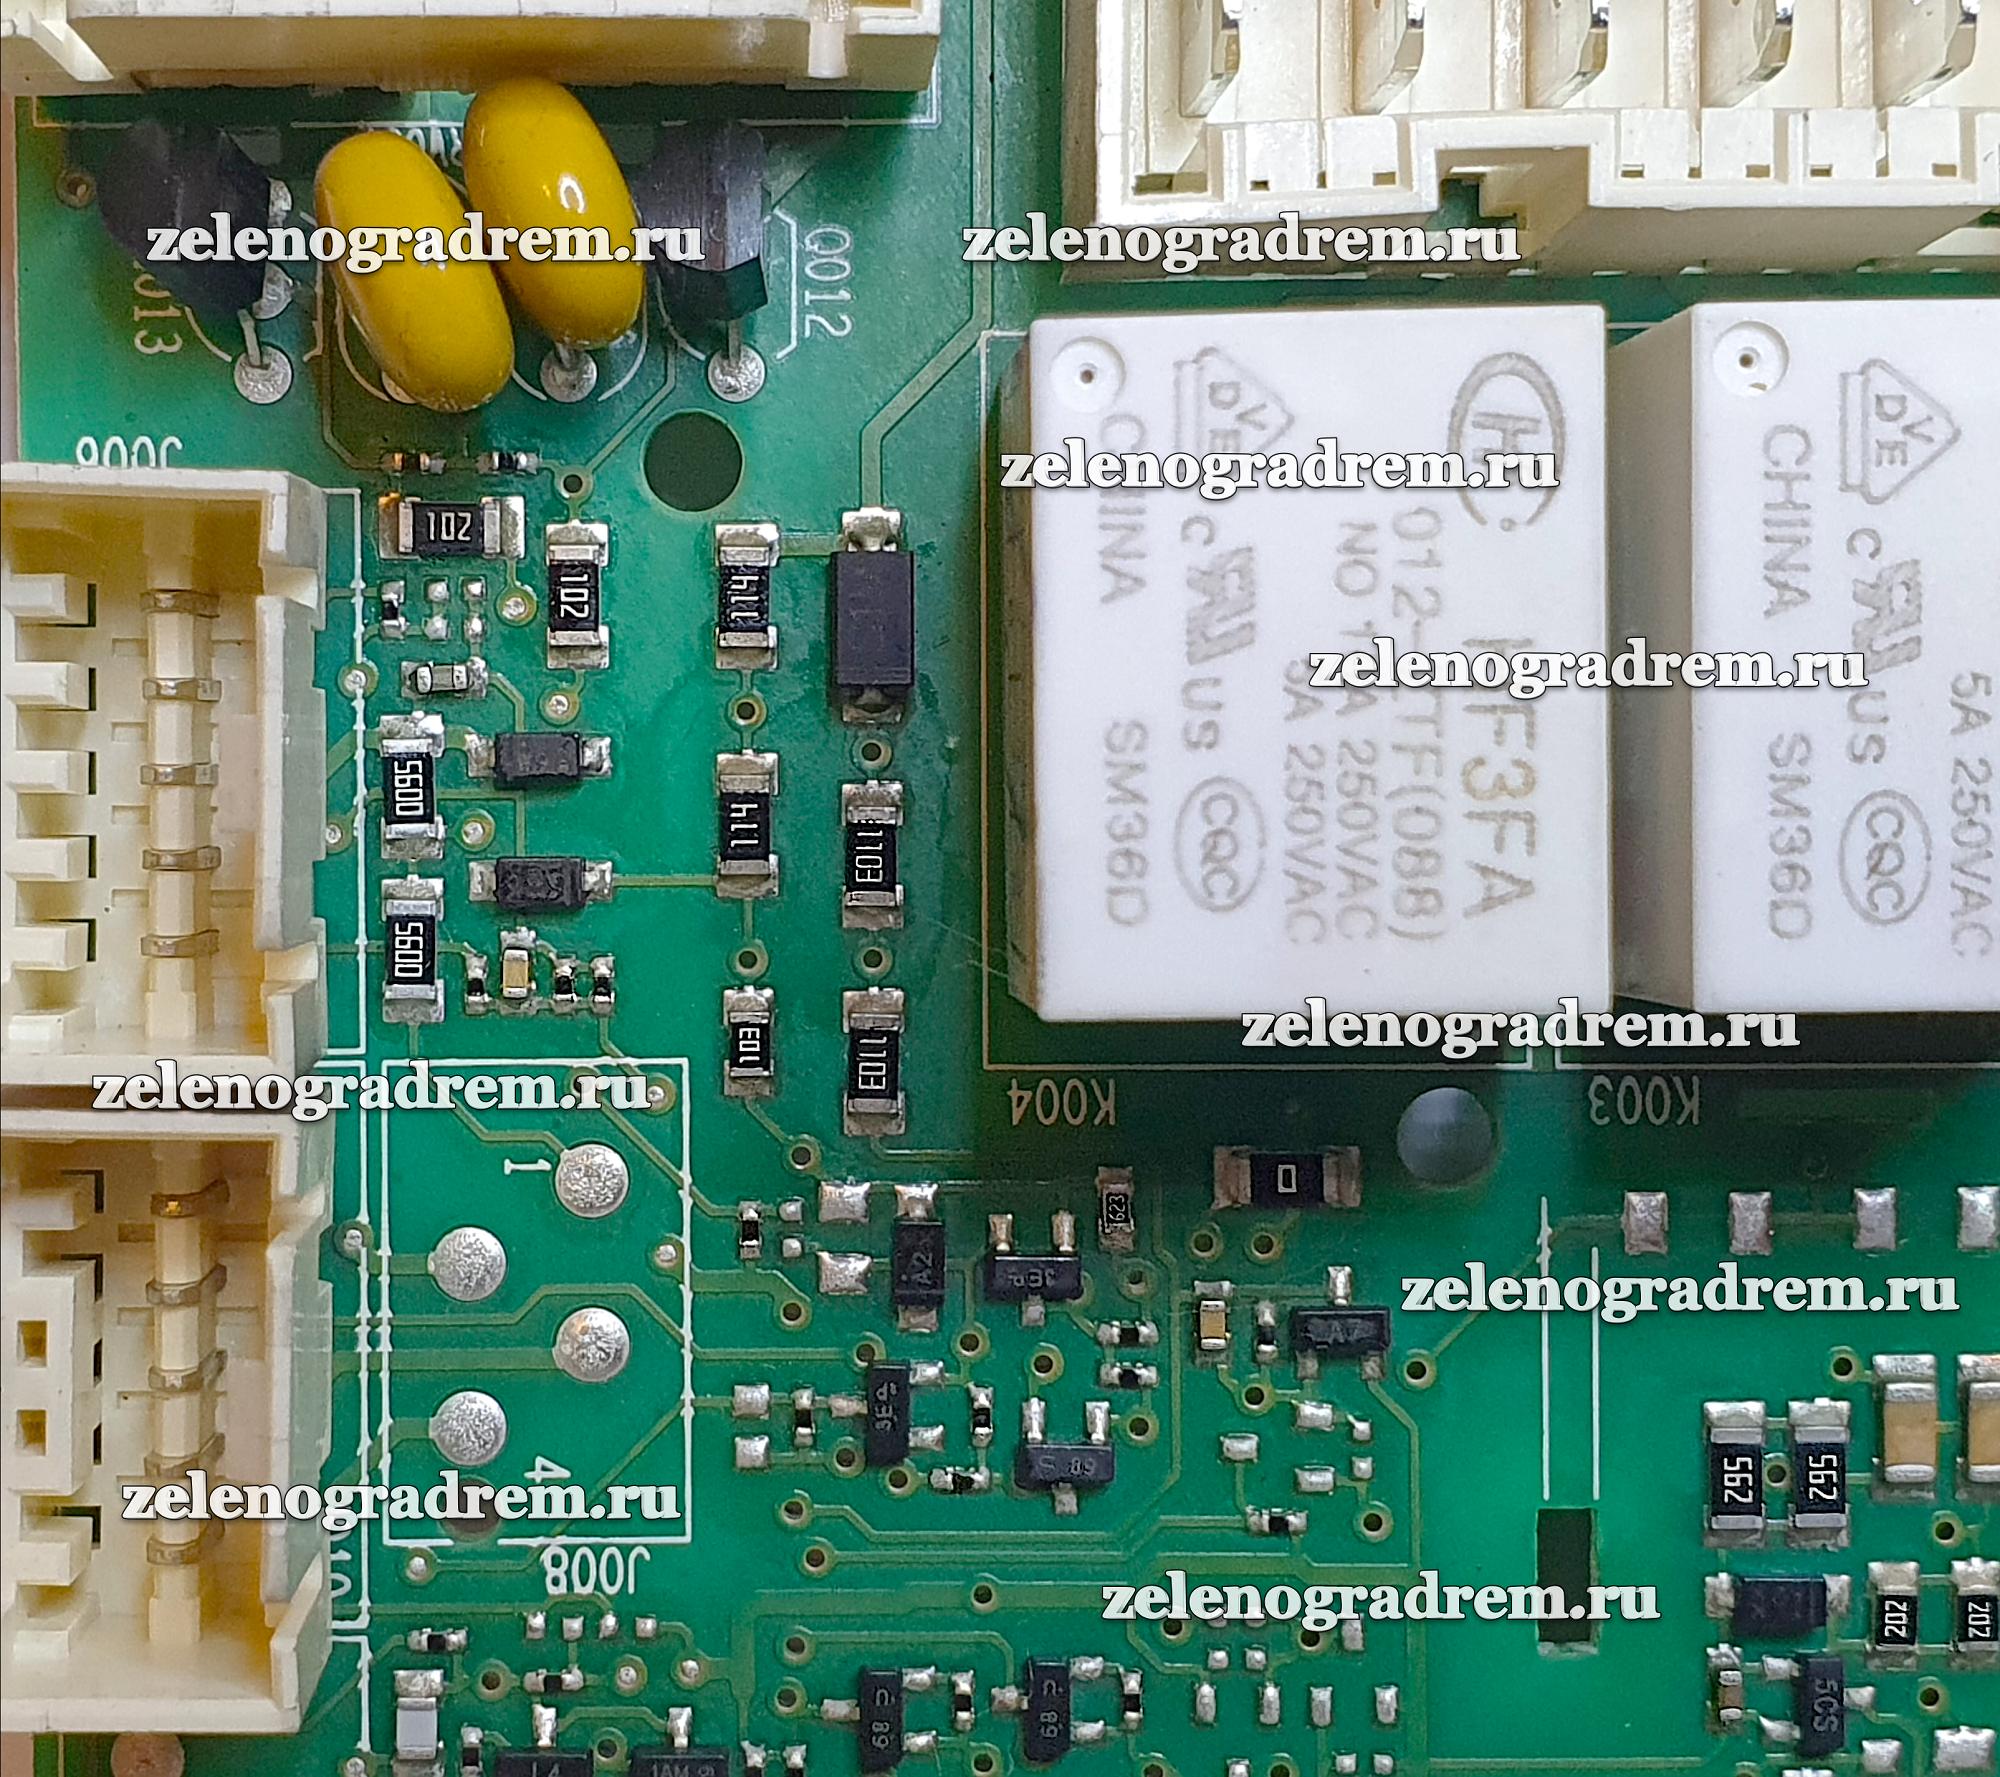 Ремонт Электронного Силового Модуля Стиральной Машины Indesit В Зеленограде